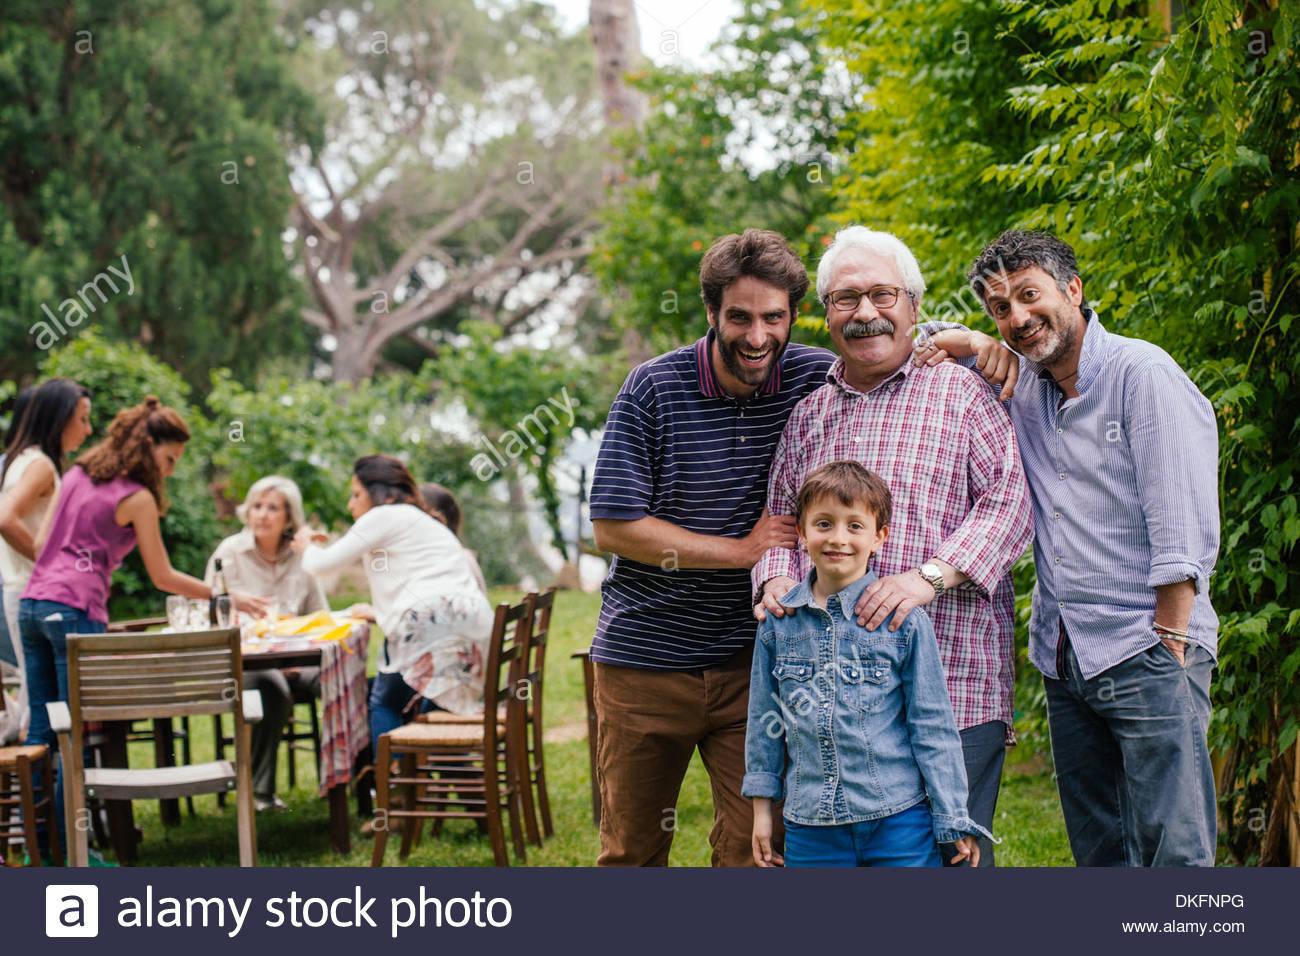 En la reunión de la familia en el jardín - los miembros masculinos de la familia en primer plano, los miembros femeninos de su familia en la tabla en segundo plano. Imagen De Stock